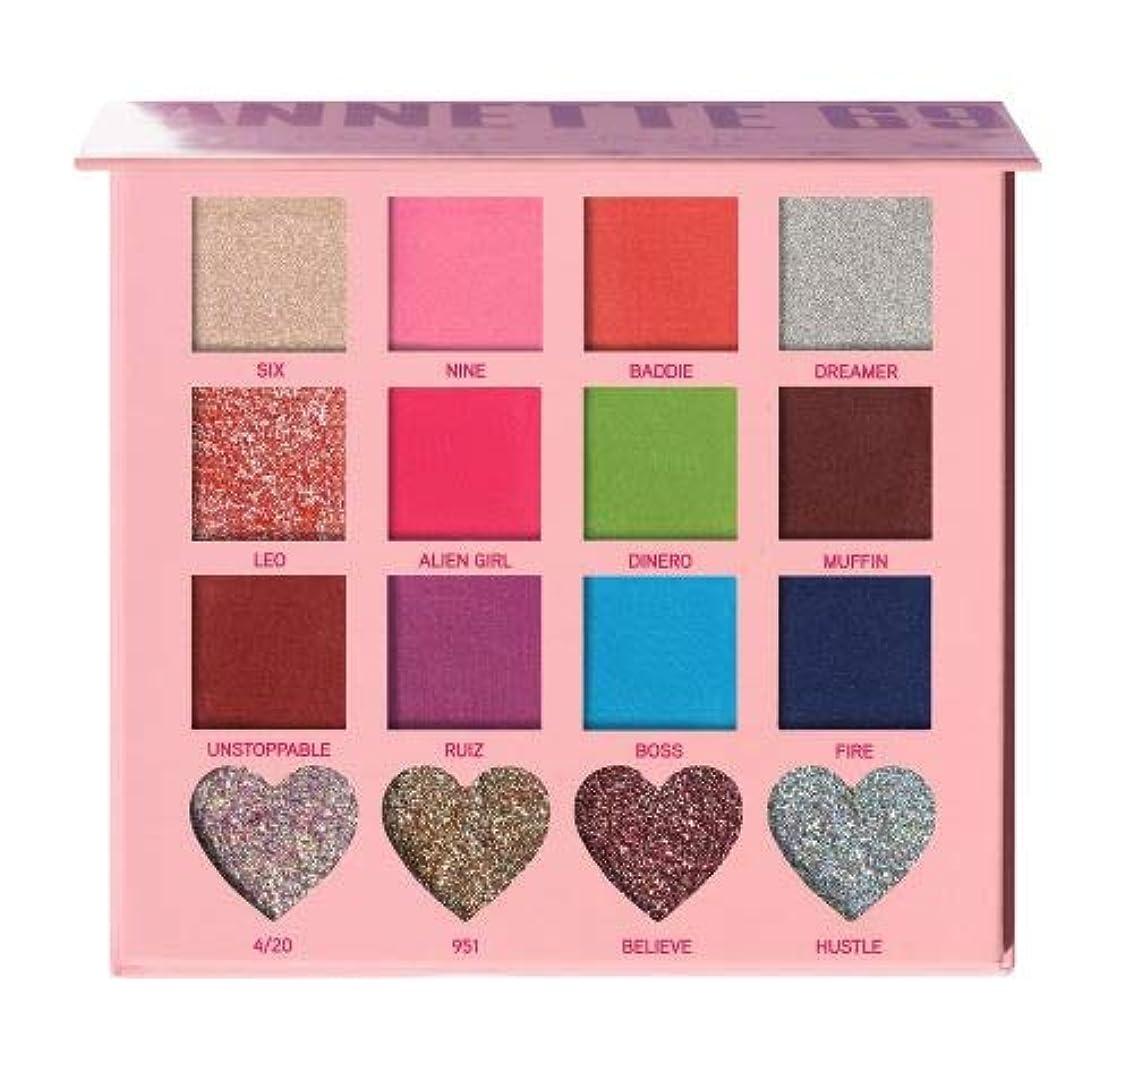 完璧チラチラする突破口(6 Pack) BEAUTY CREATIONS x Annette 69 Eyeshadow Palette (並行輸入品)